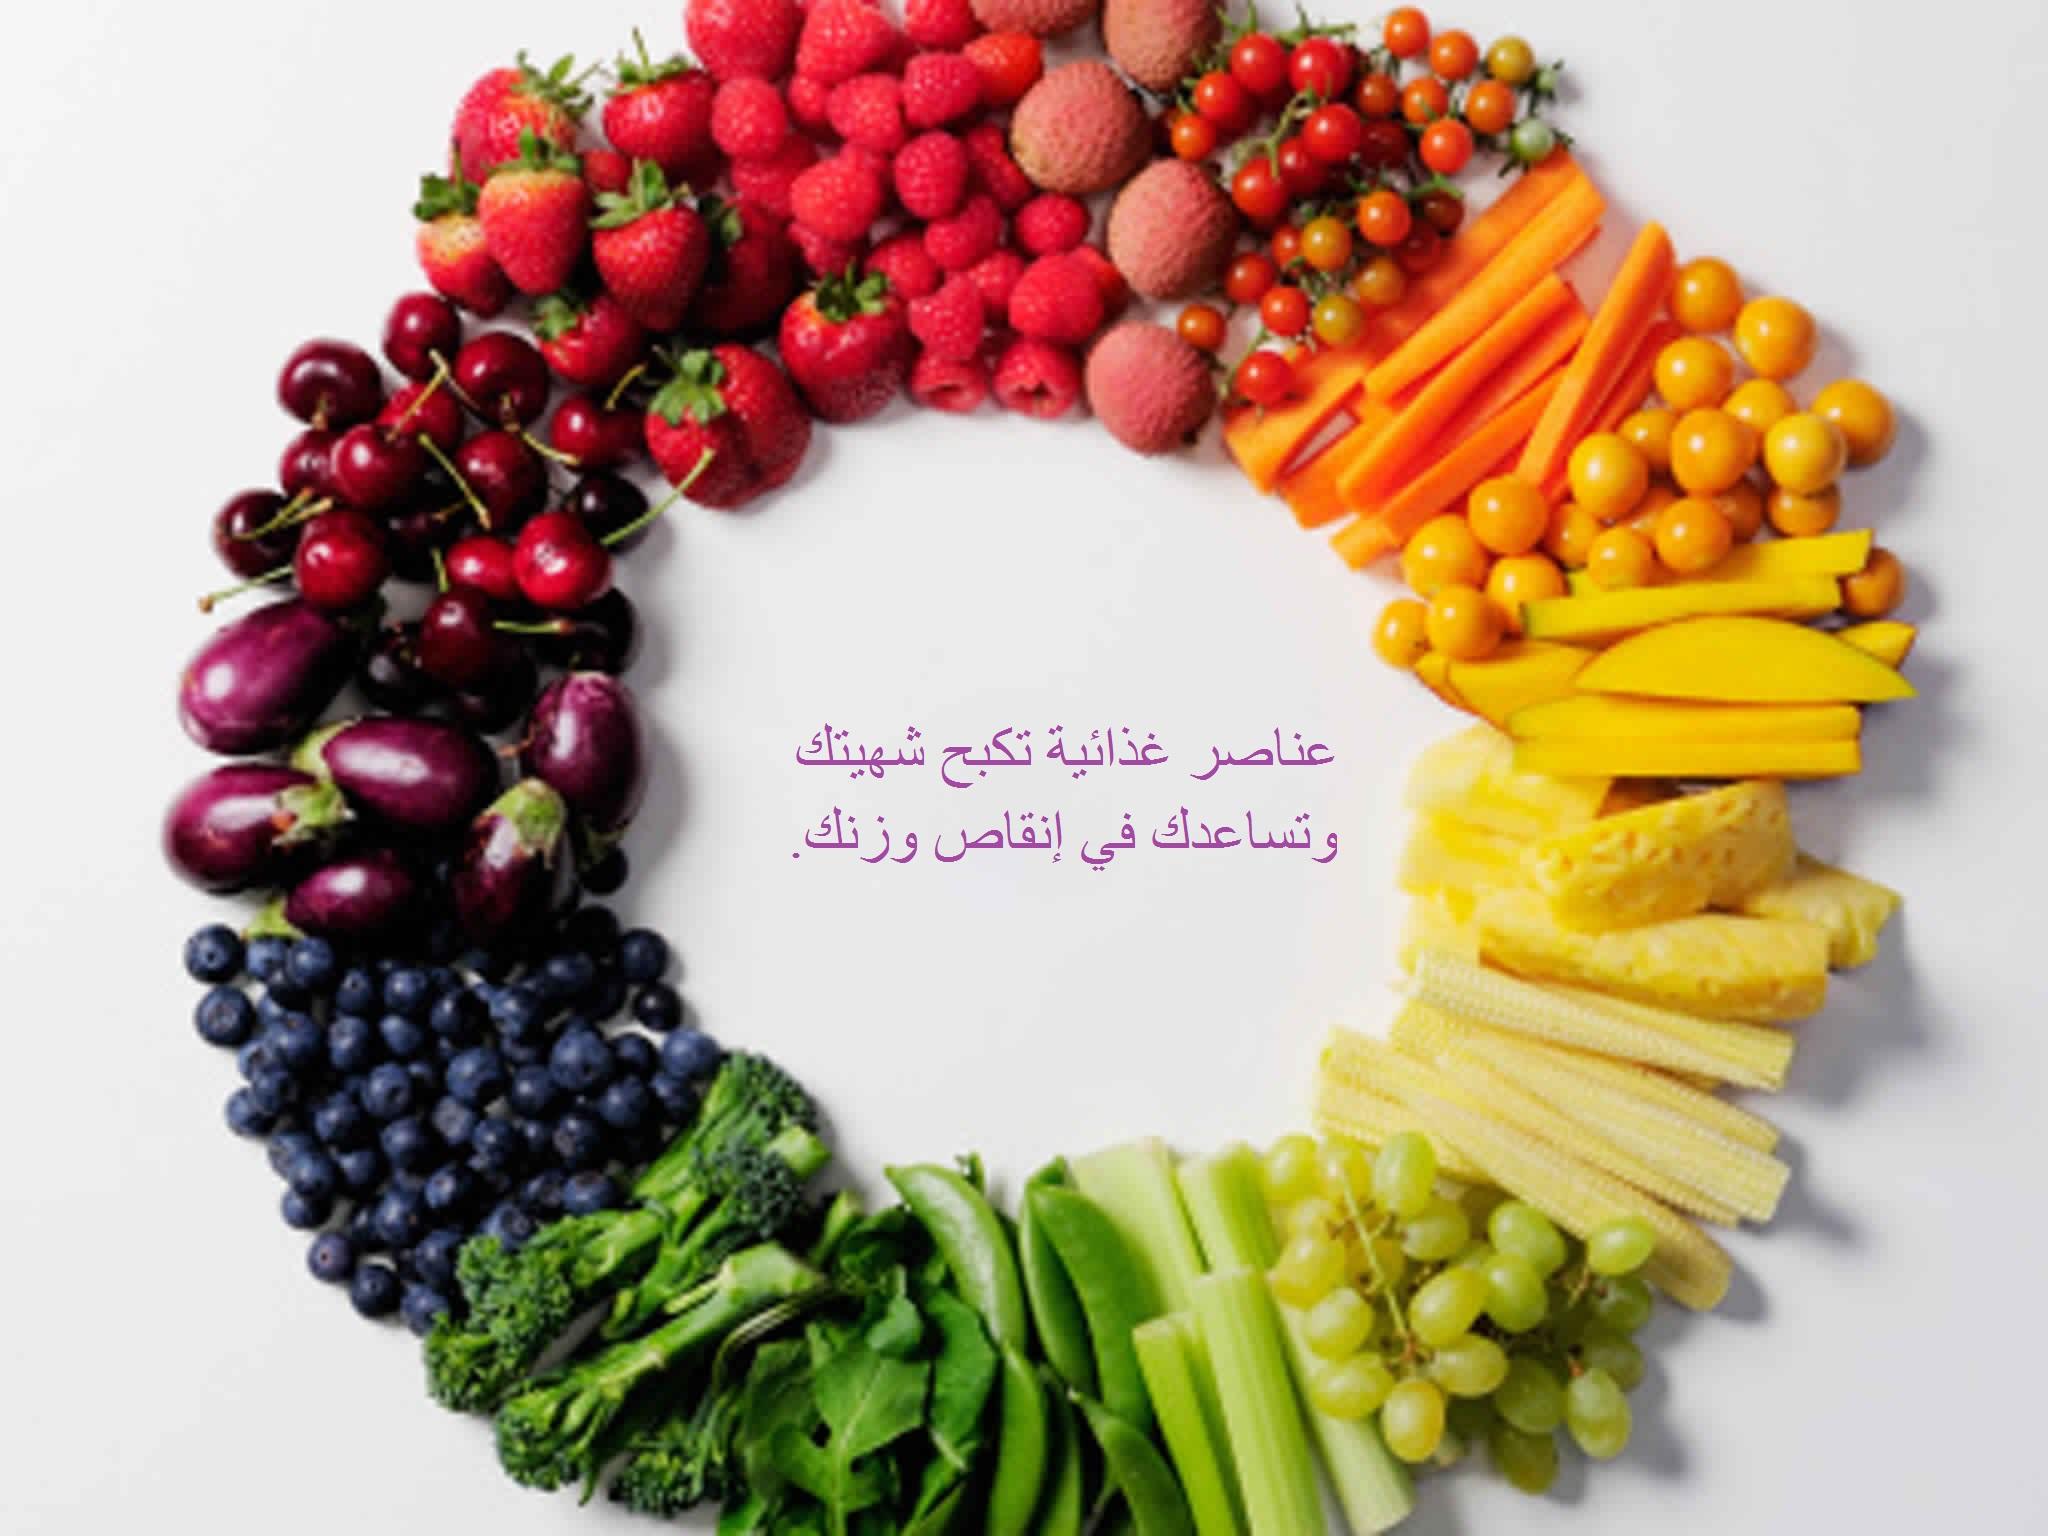 عناصر غذائية تكبح شهيتك وتساعدك في إنقاص وزنك.